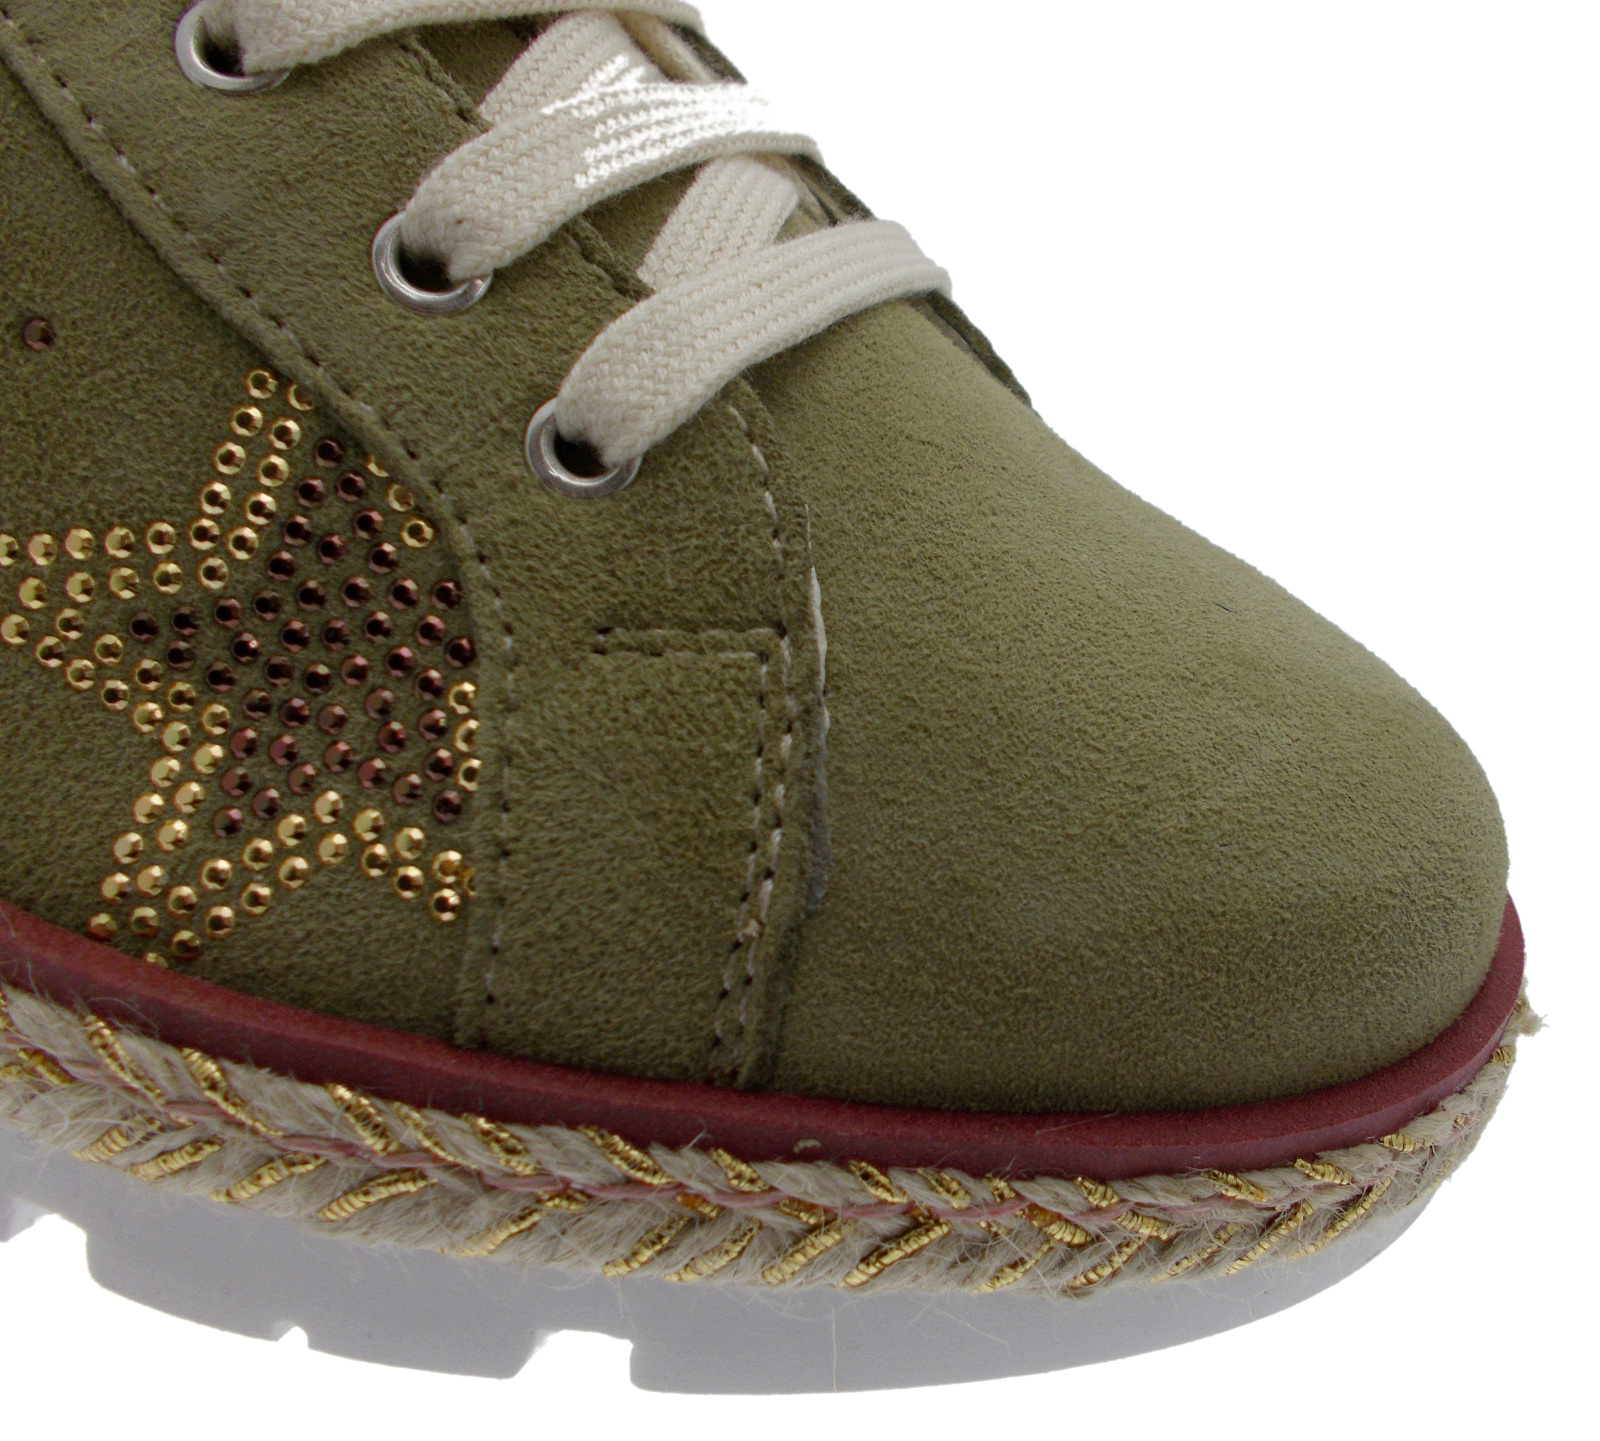 C3785  scarpa donna sabbia fiori ortopedica plantare estraibile sneacker Loren